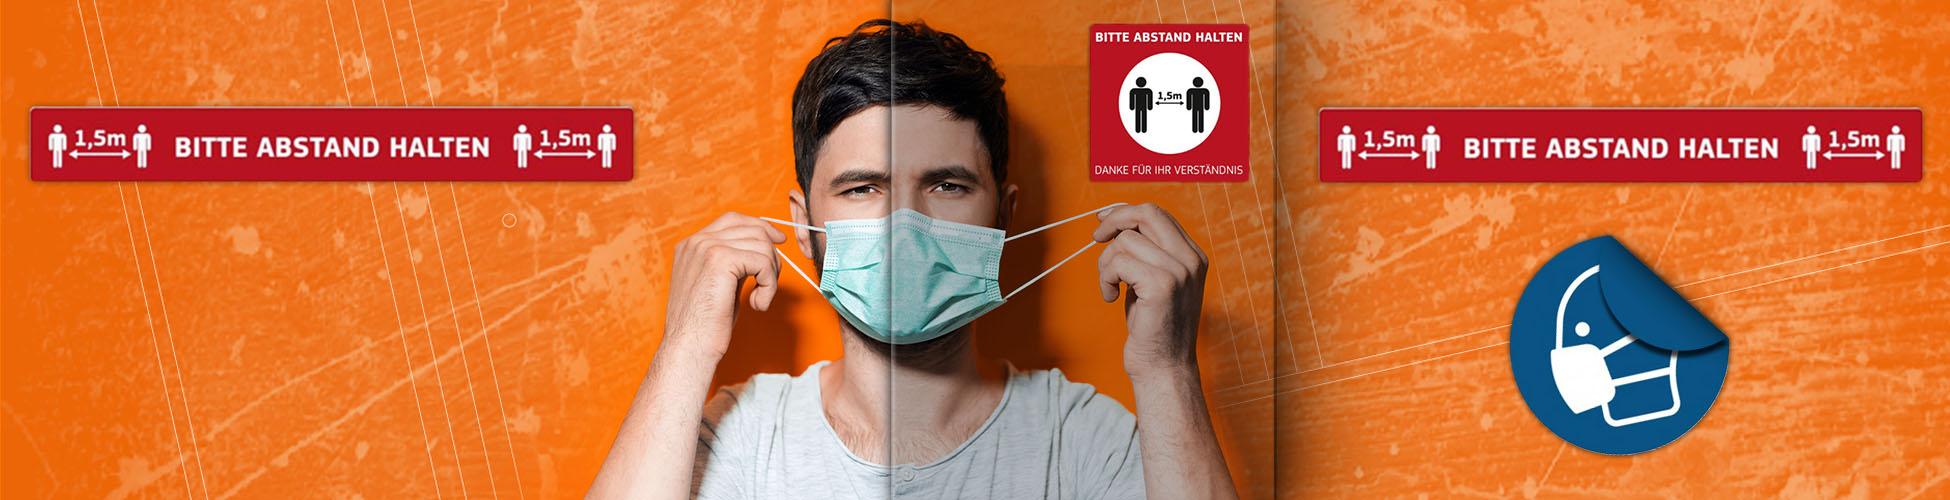 Hygieneschutz, Schutzmaßnahmen Corona, Aufkleber Corona, Aufkleber Hinweise, Abstand halten